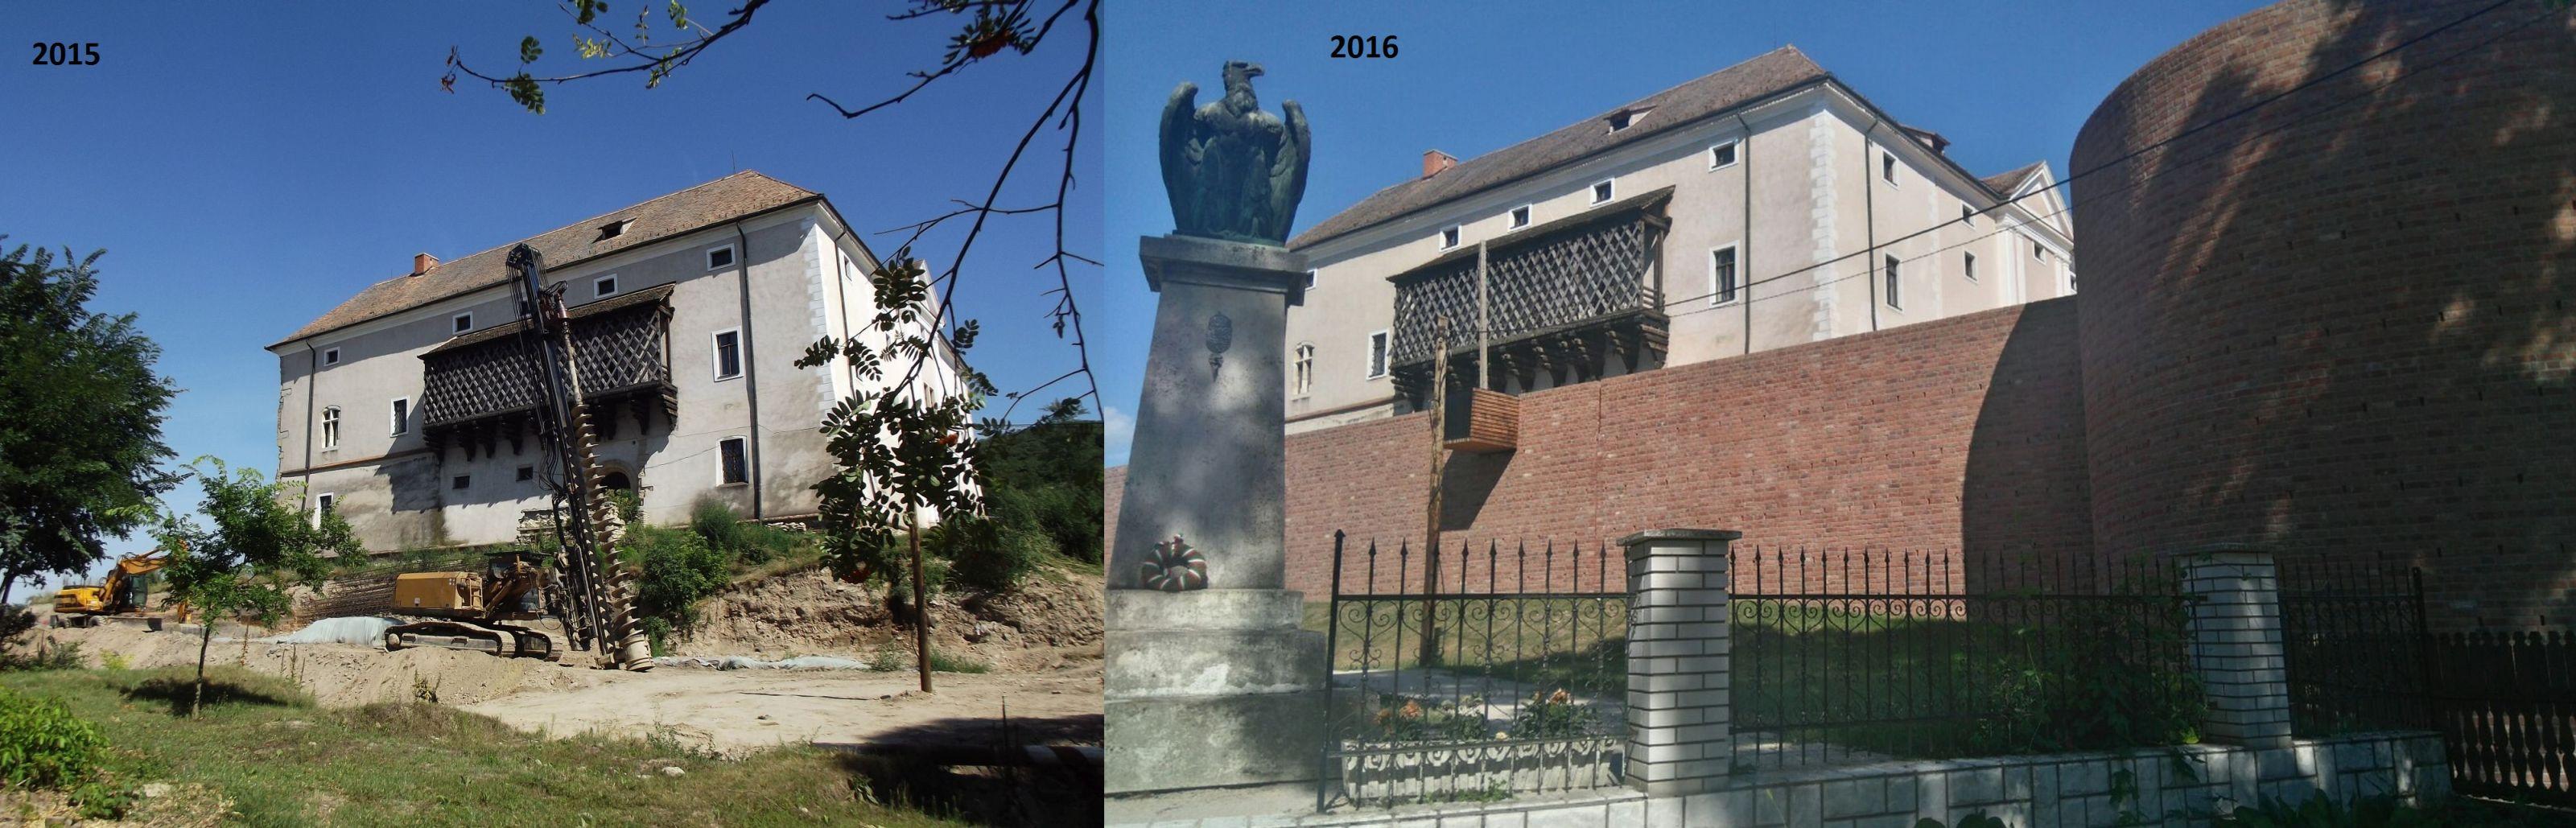 A várfal 2015-ben és 2016-ban